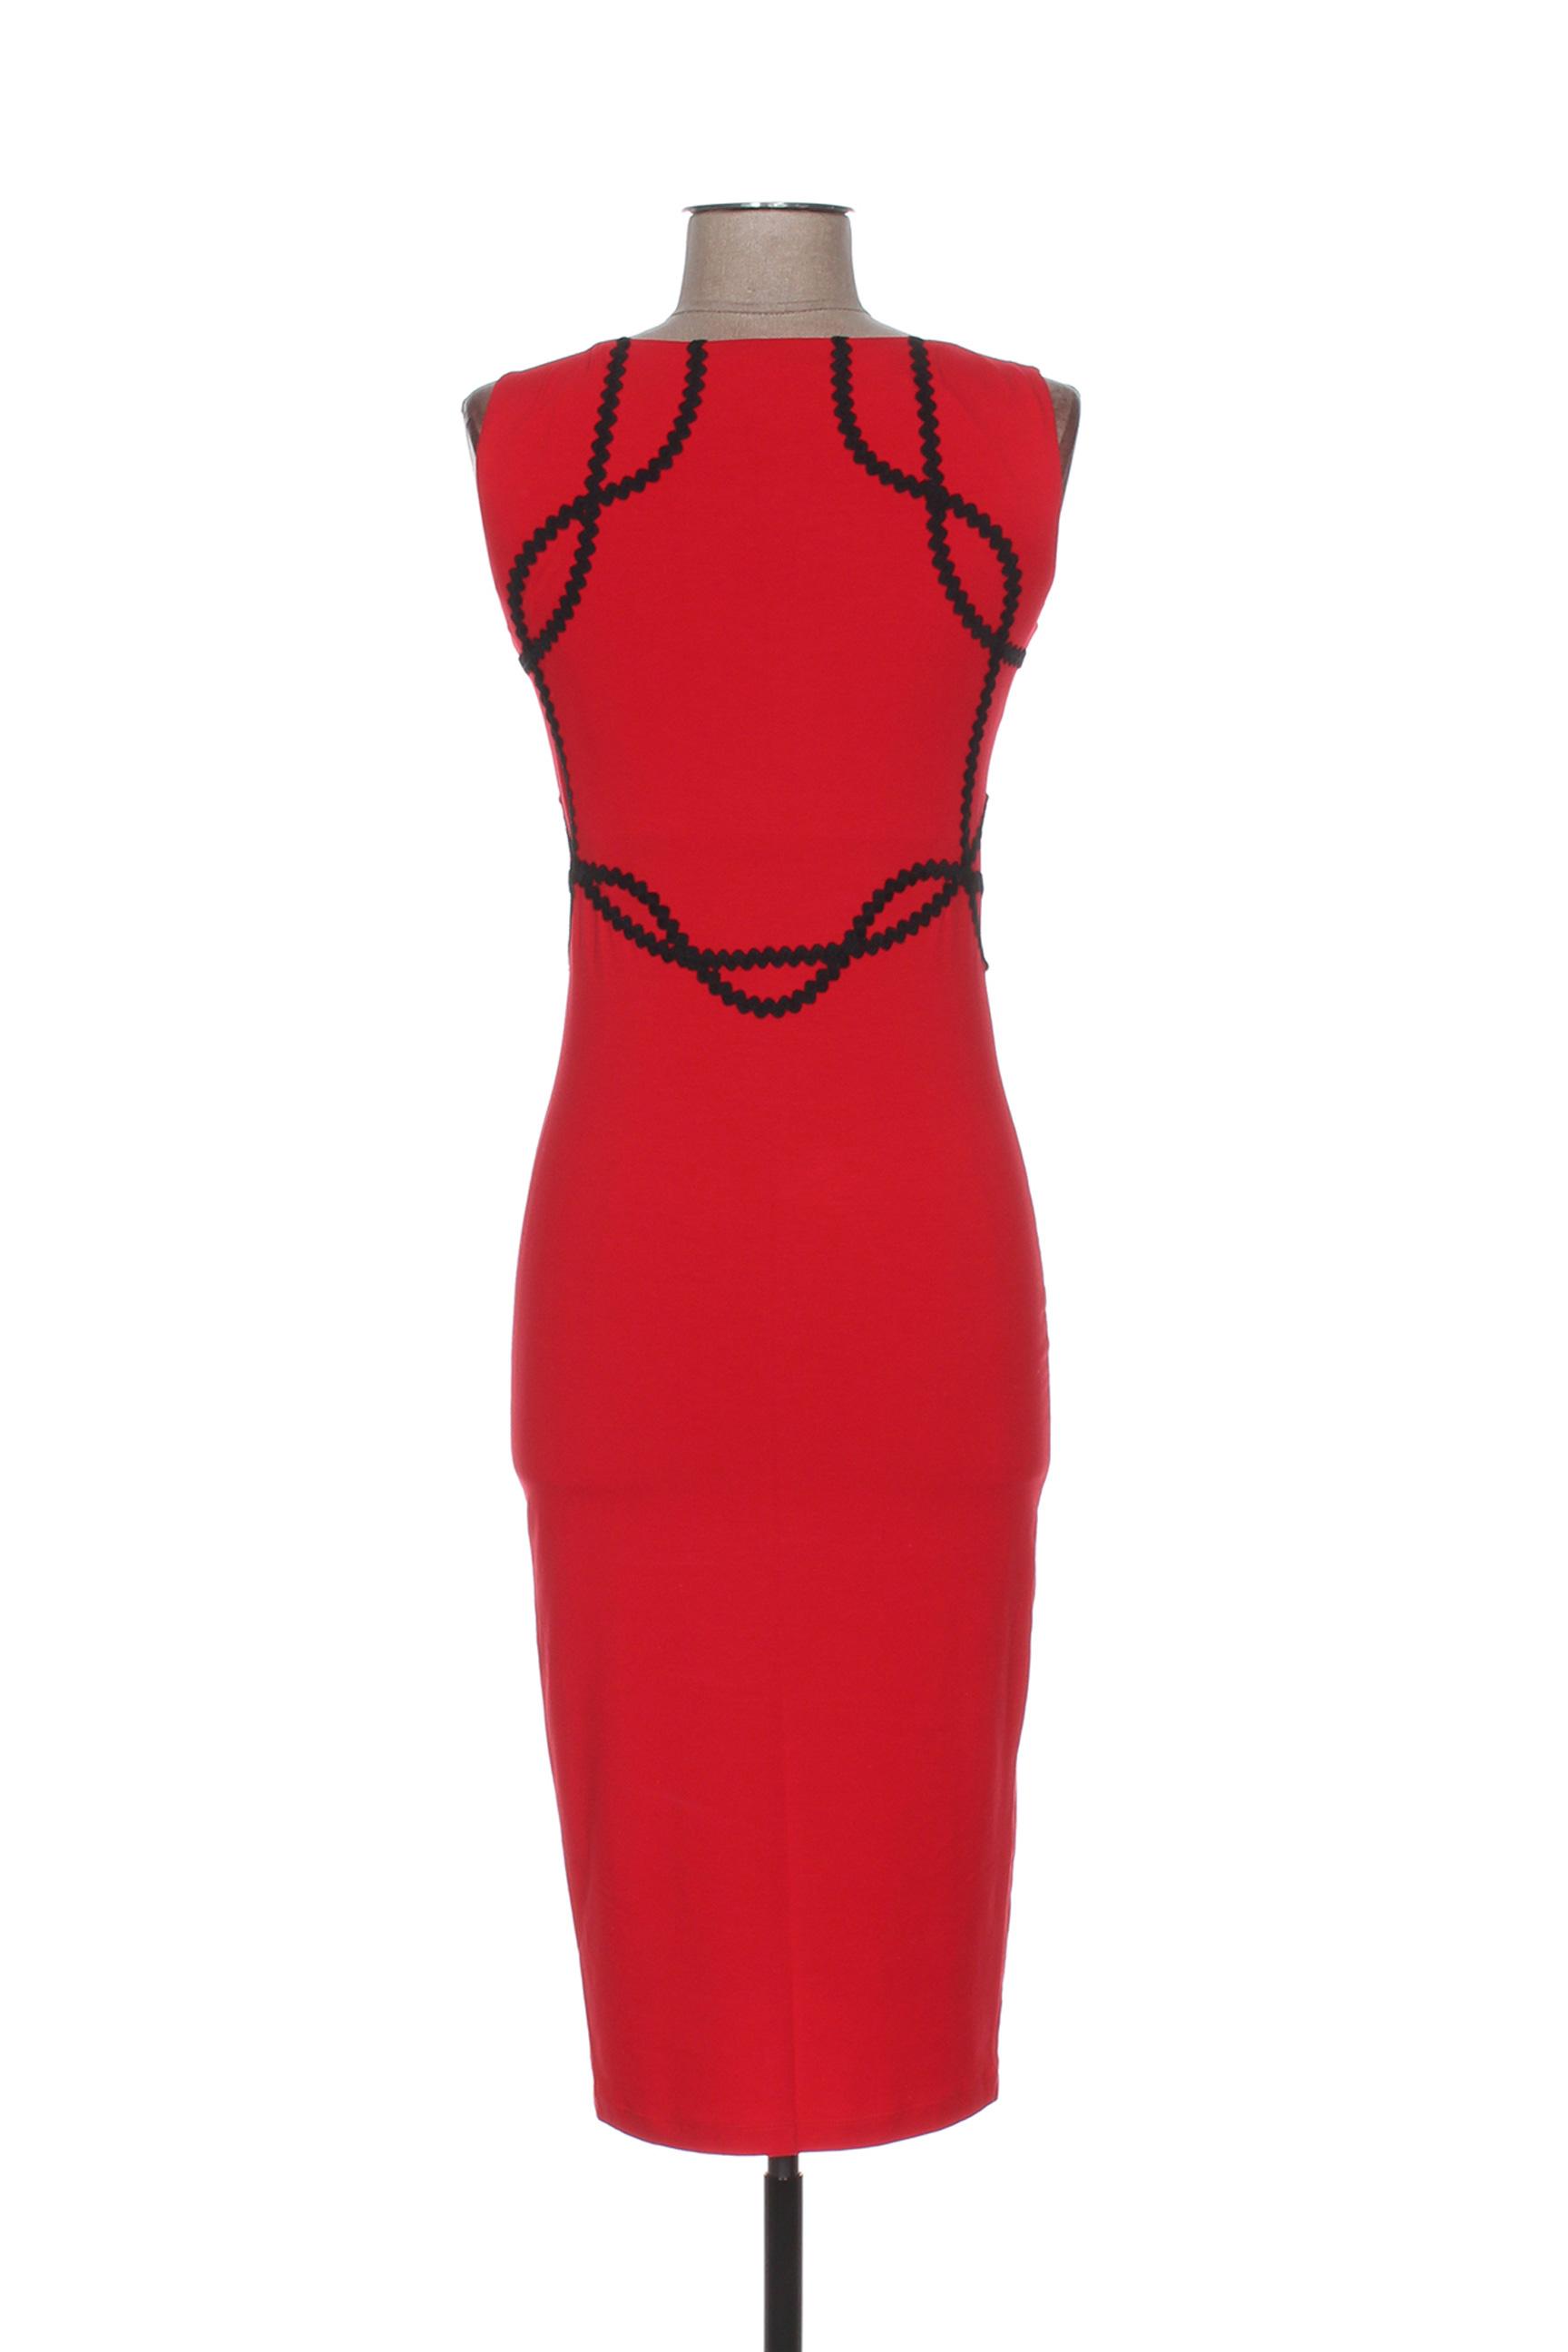 Isabel De Pedro Robes Mi Longues Femme Couleur Rouge En Soldes Pas Cher 1283313-rouge0